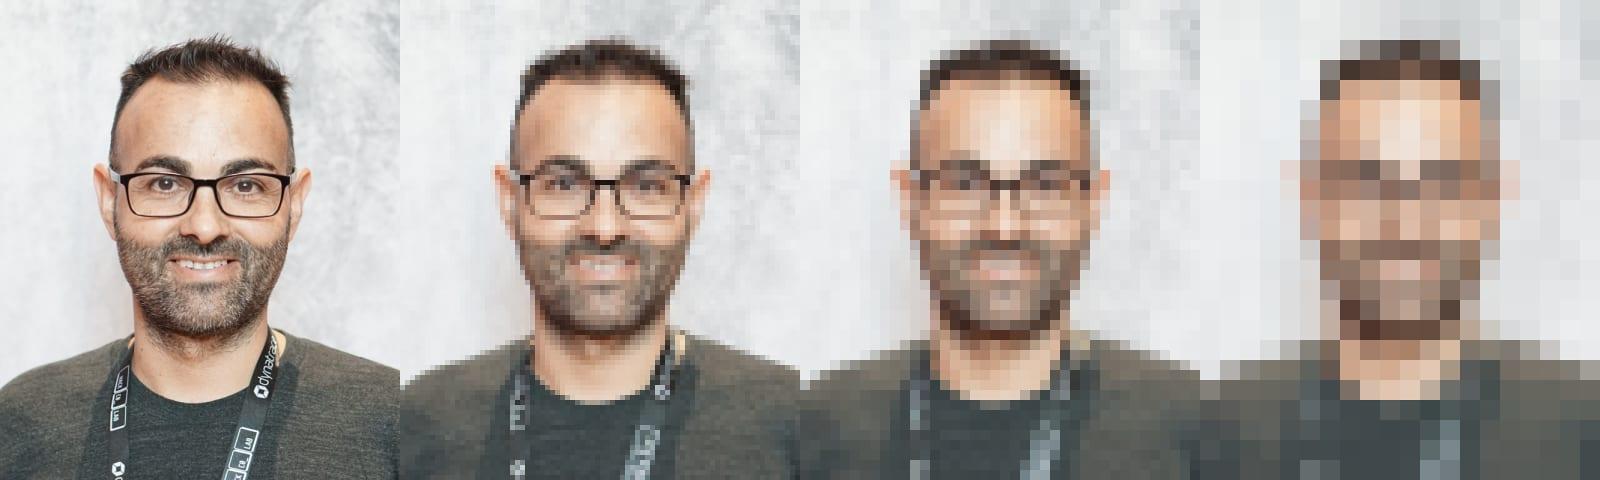 Optimización de Imágenes y Vídeos